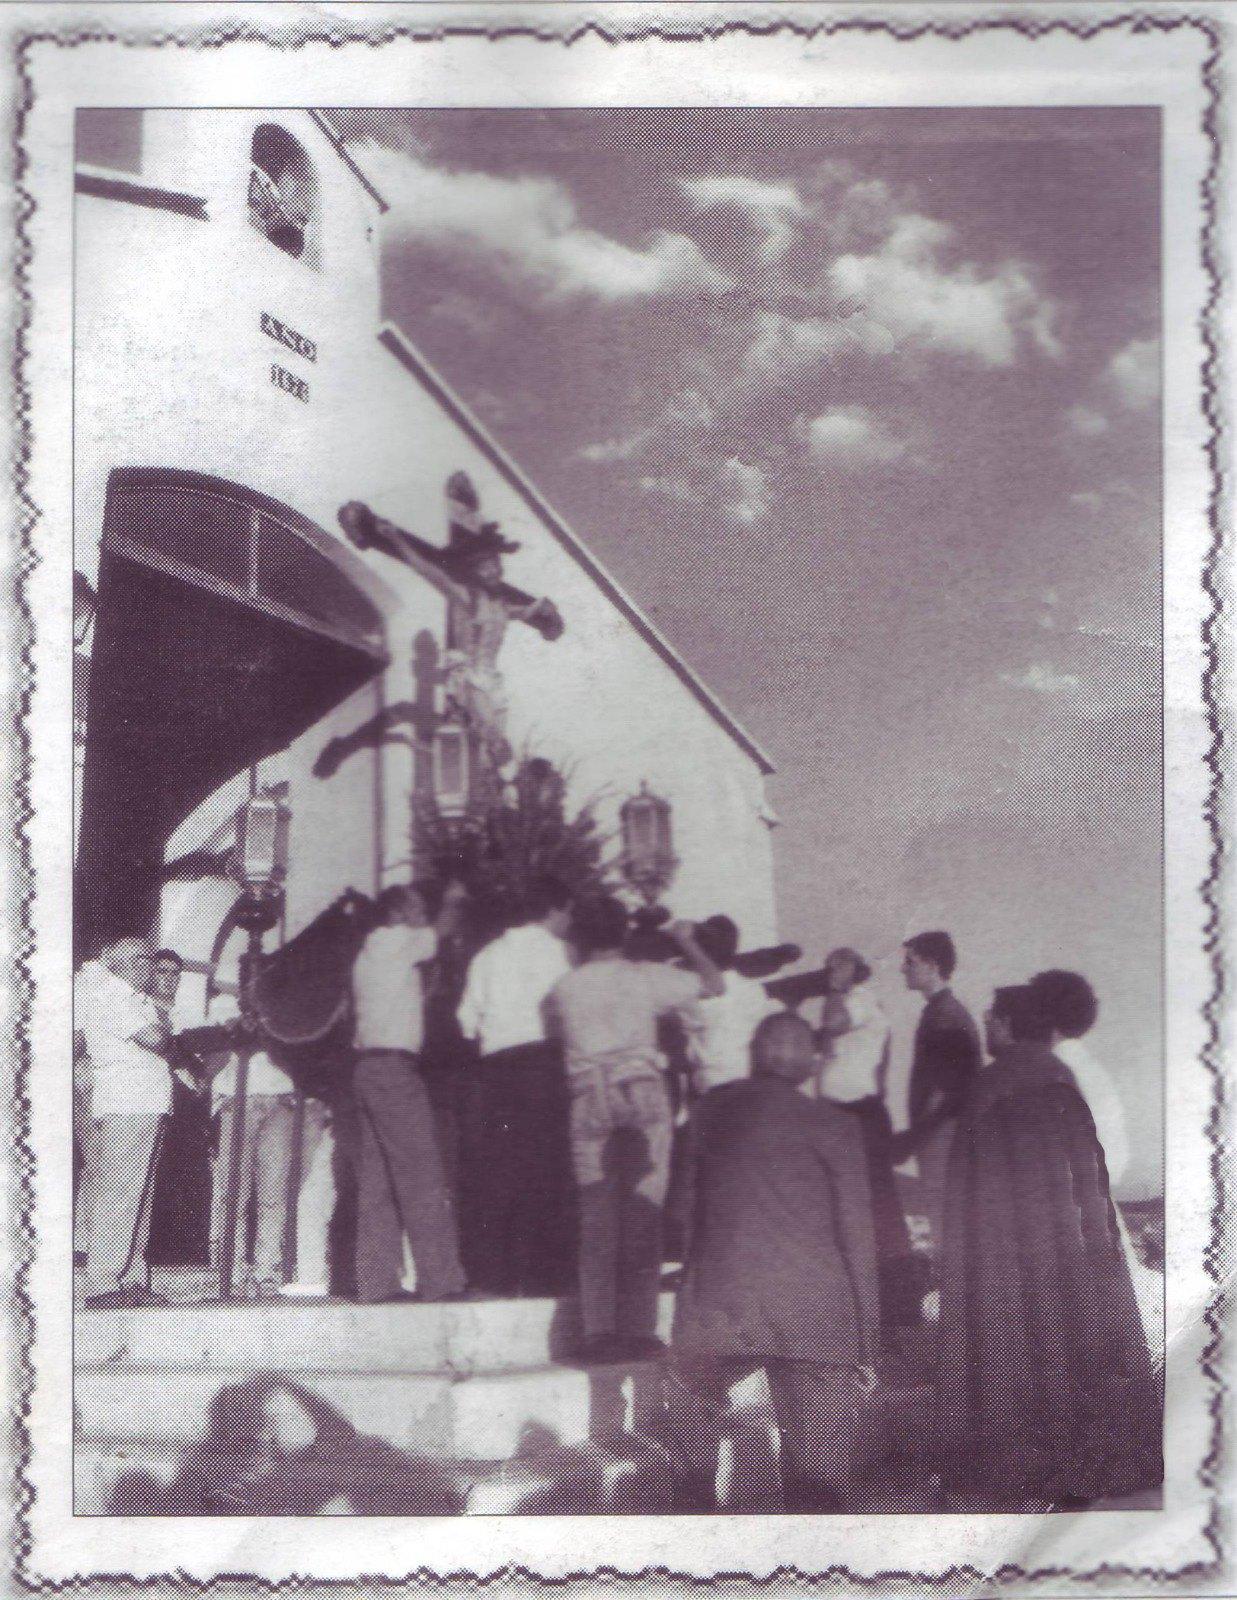 (Año 1988) - ElCristo - Fotografias Historicas - (25-06-2018) - (04)